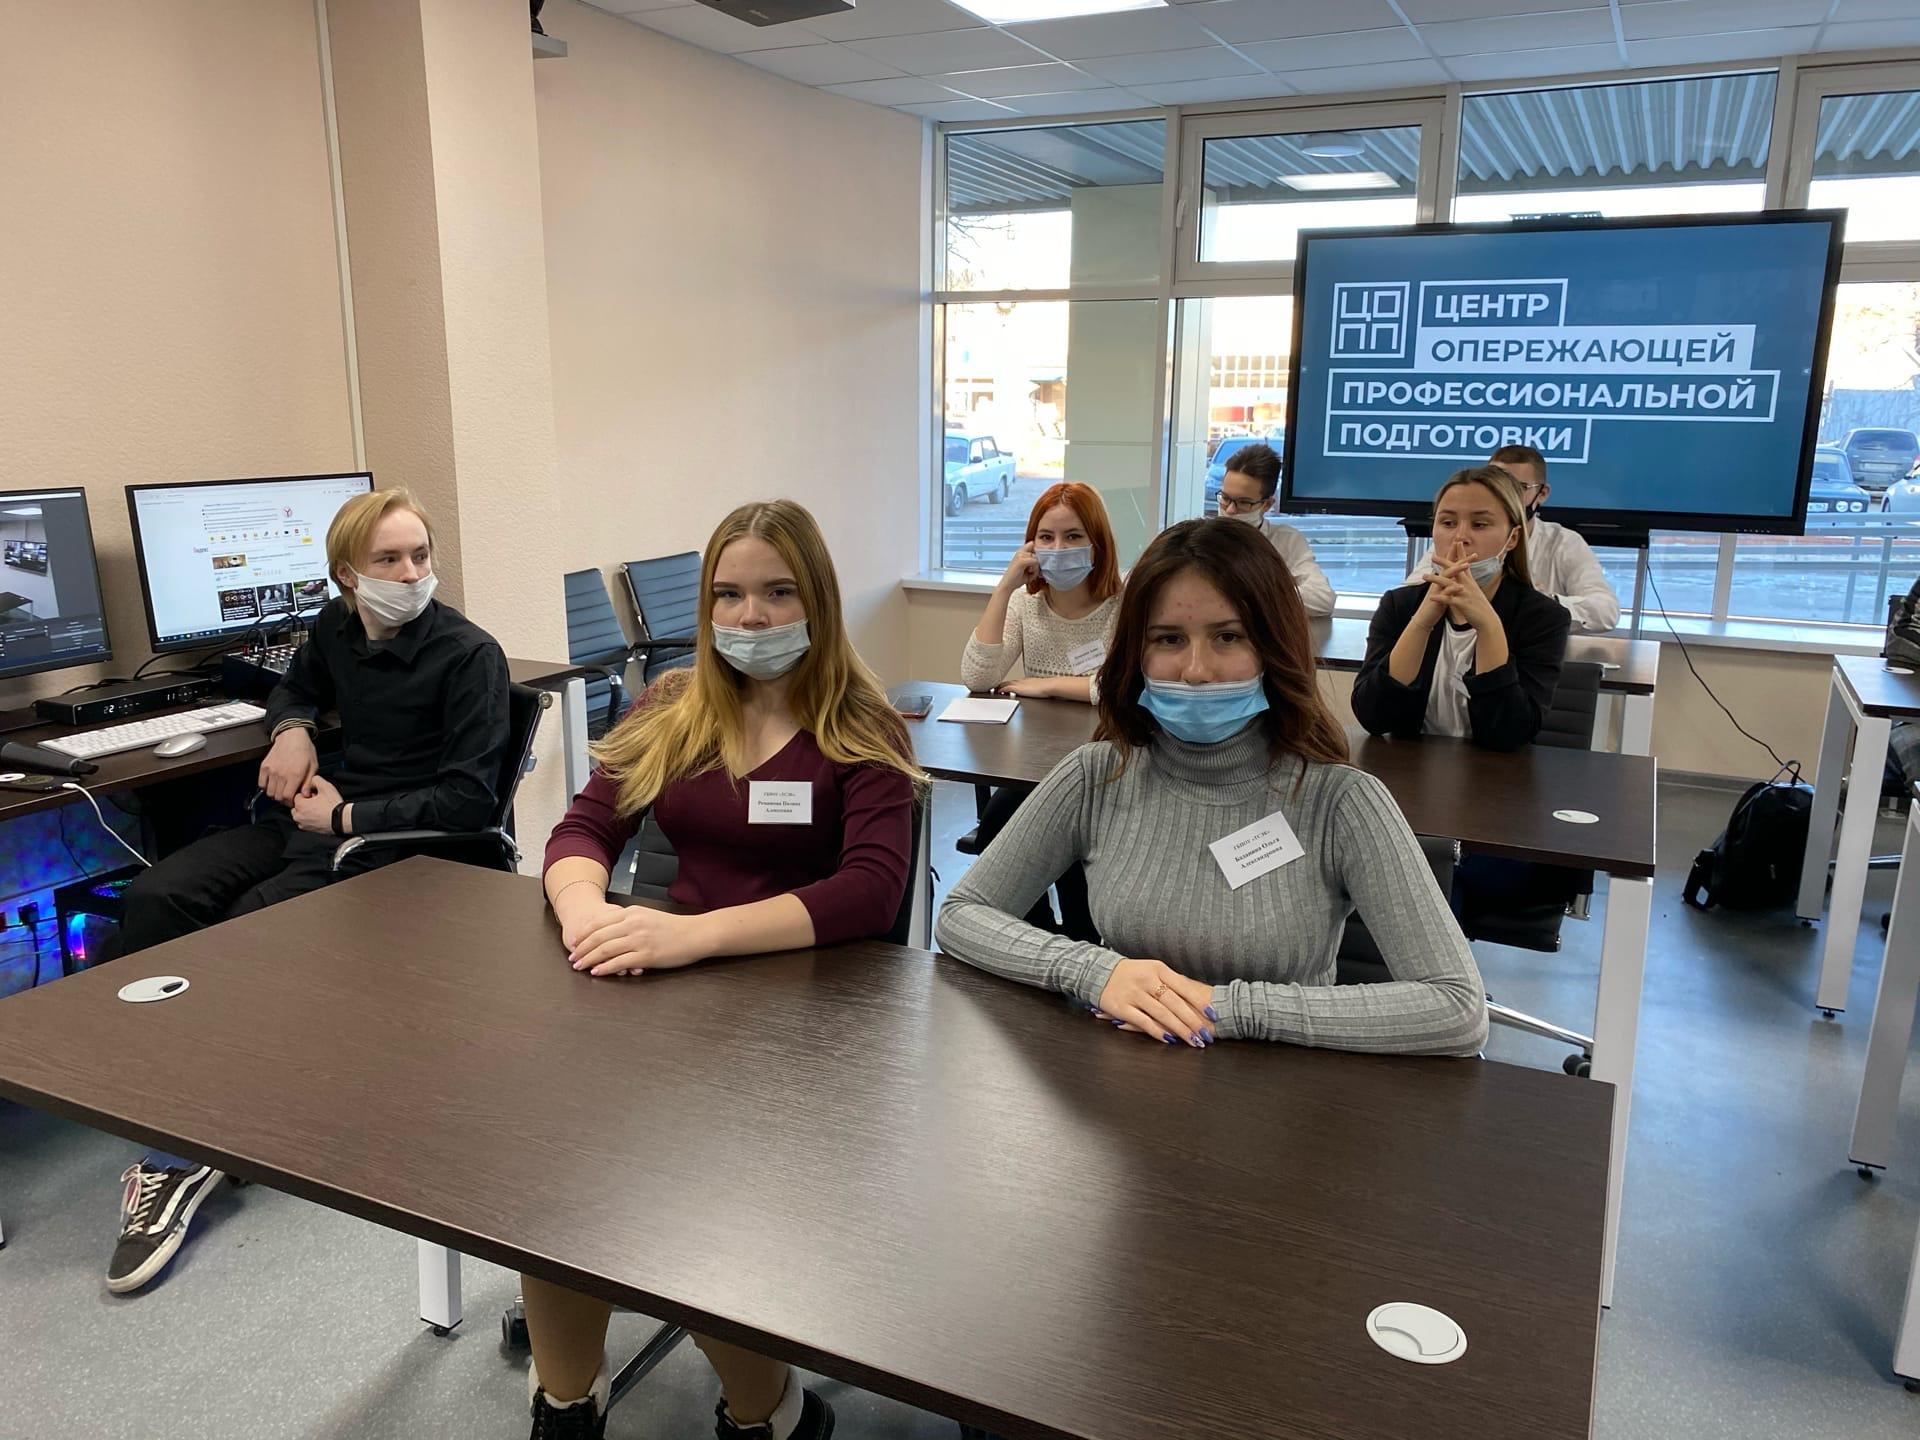 Дмитрий Азаров по ВКС провел встречу с учащимися вузов и ссузов региона